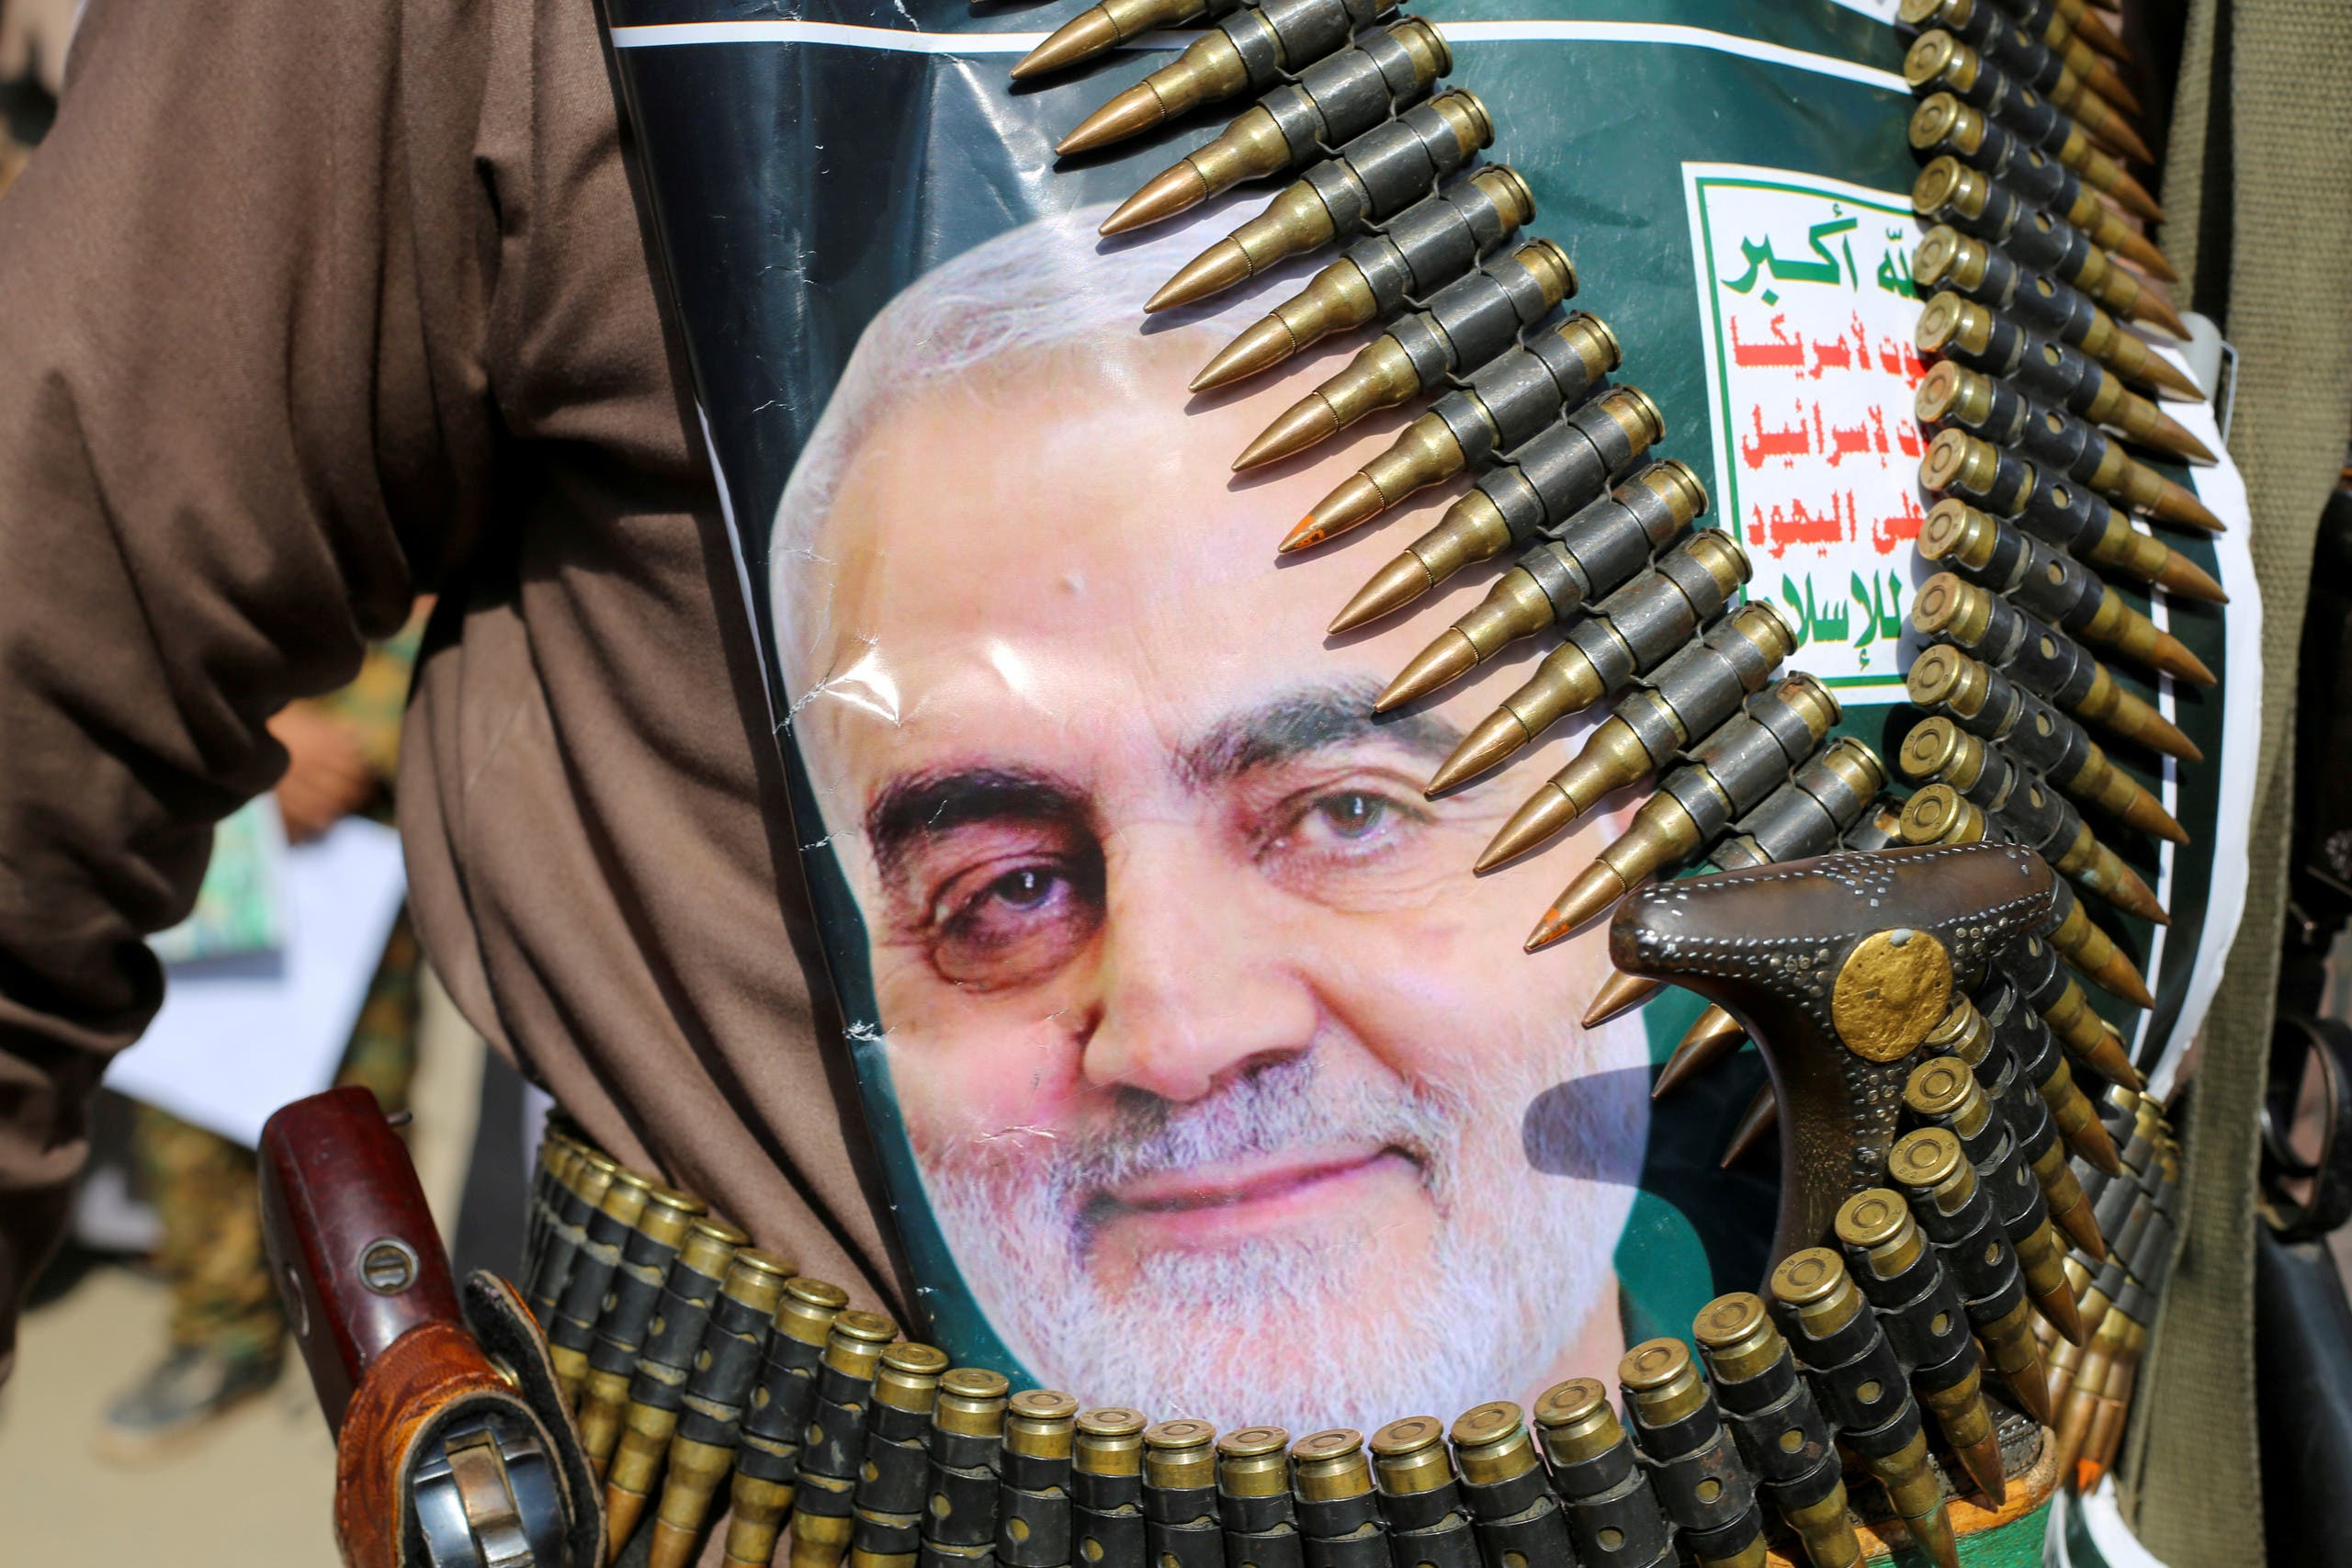 مقاتل حوثي يرفع صورة قائد فيلق القدس بالحرس الثوري الإيراني قاسم سليماني على ظهره خلال مسيرة في صعدة